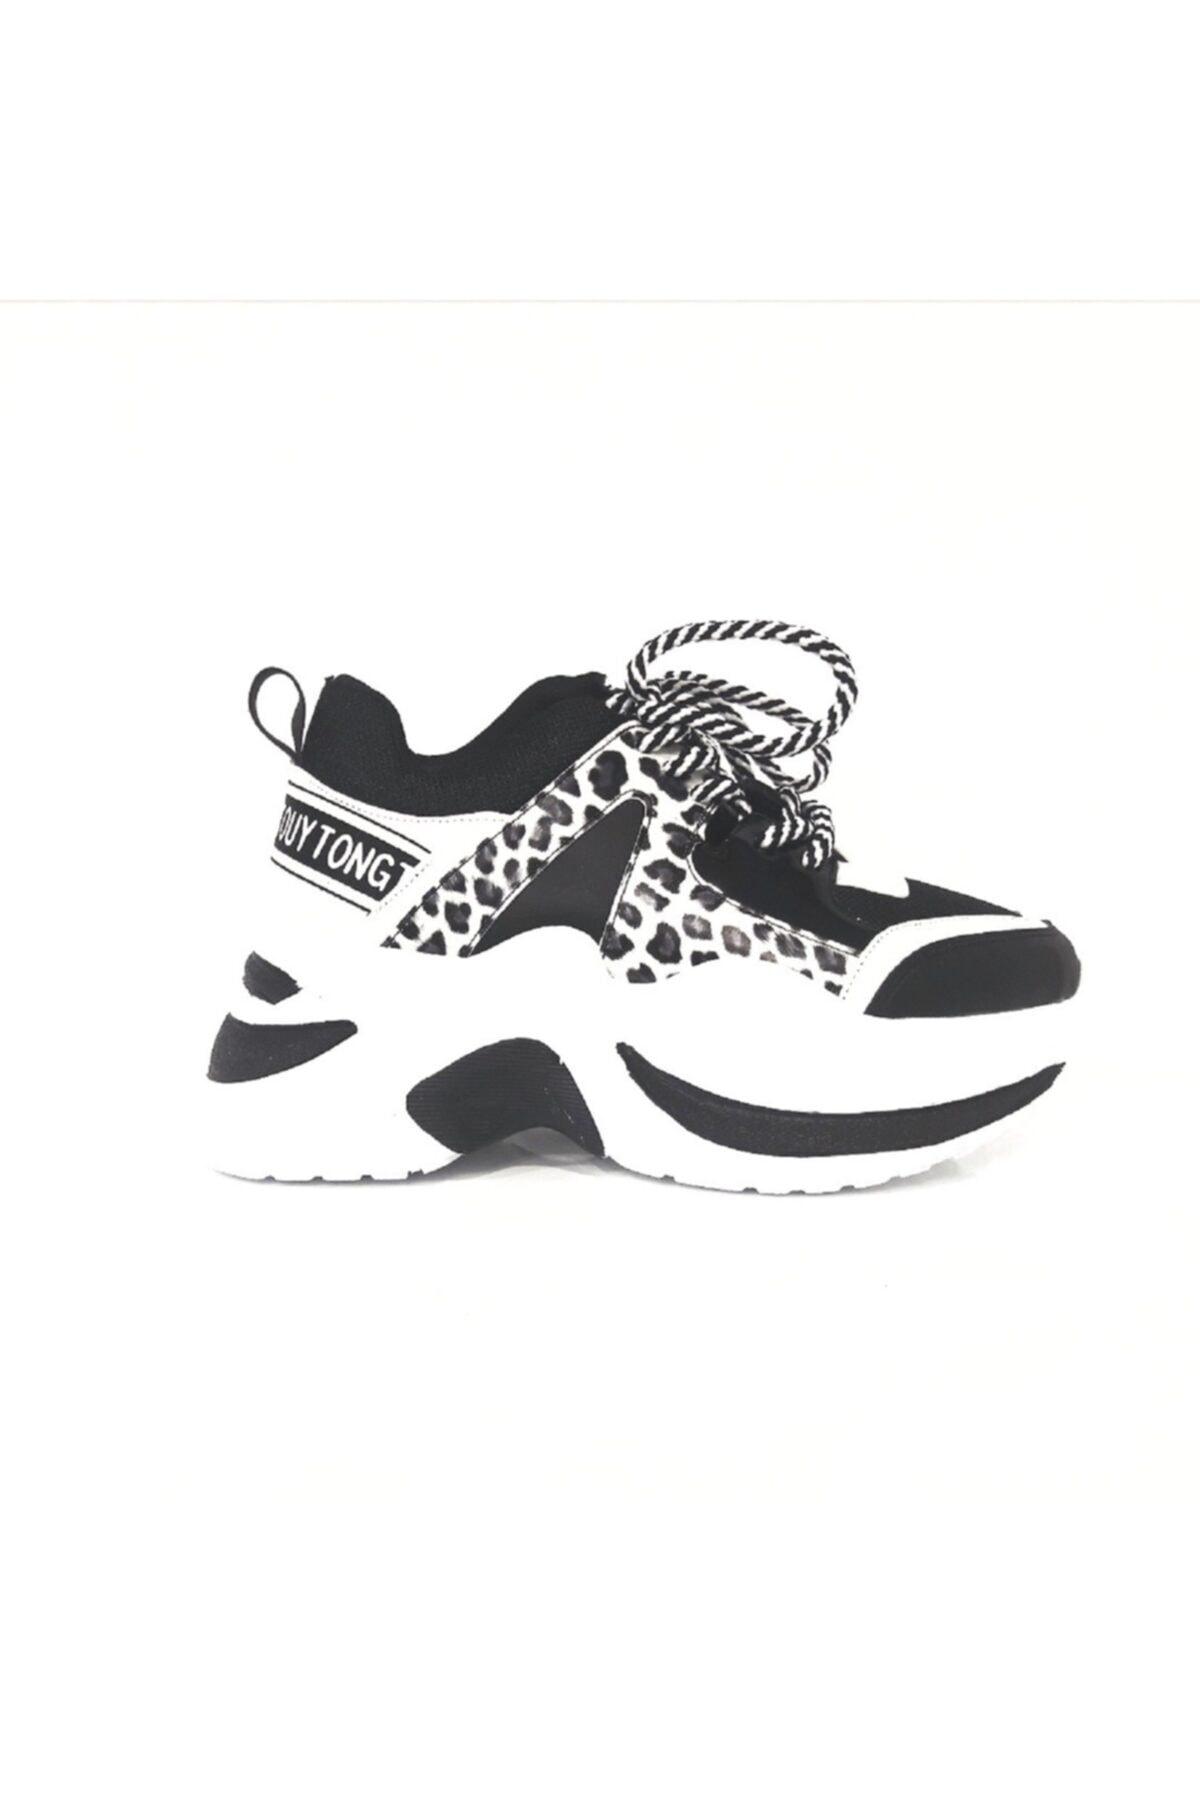 DİVUM Spor Ayakkabı 1